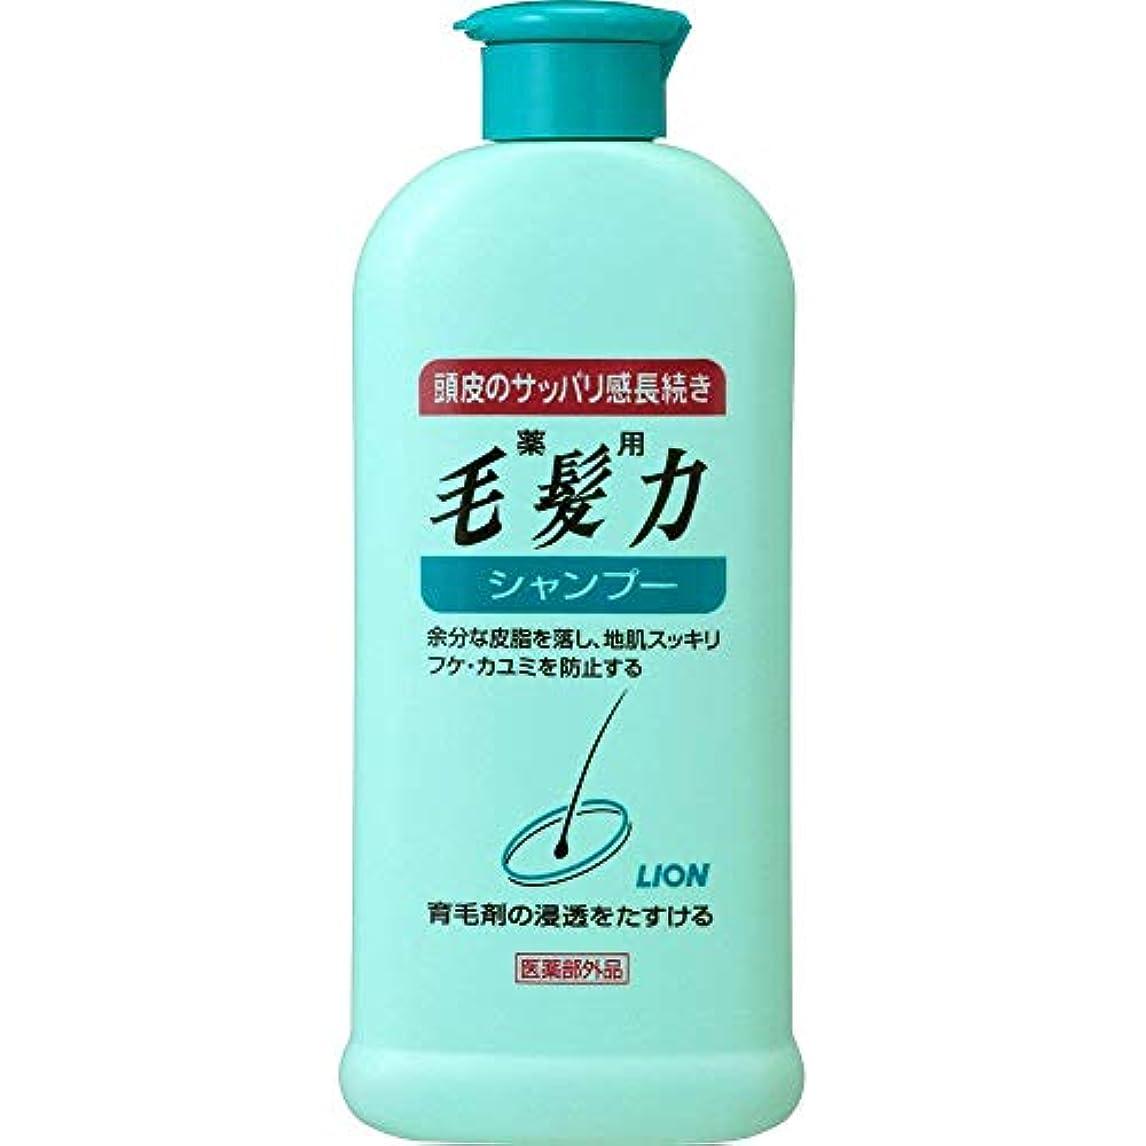 賠償バルブ護衛【ライオン】薬用毛髪力 シャンプー 200ml ×5個セット